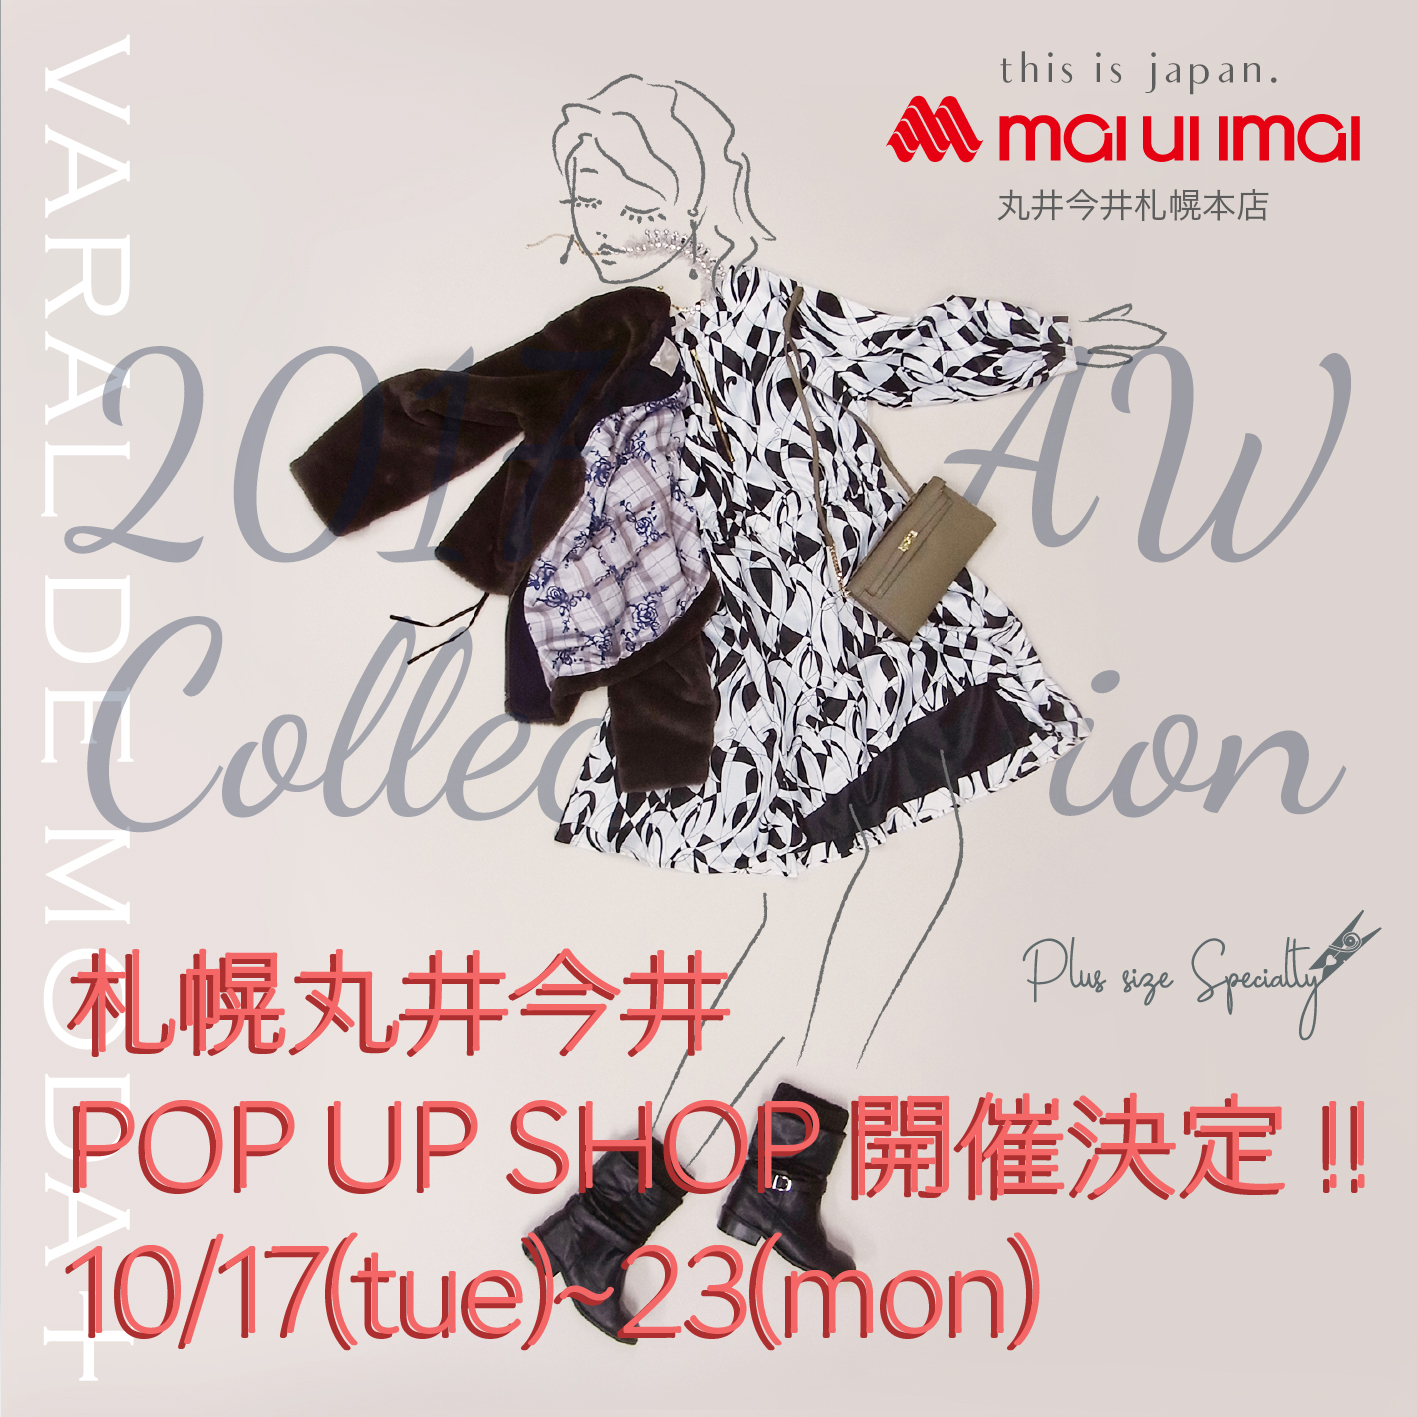 札幌丸井今井POP-UP-1-1